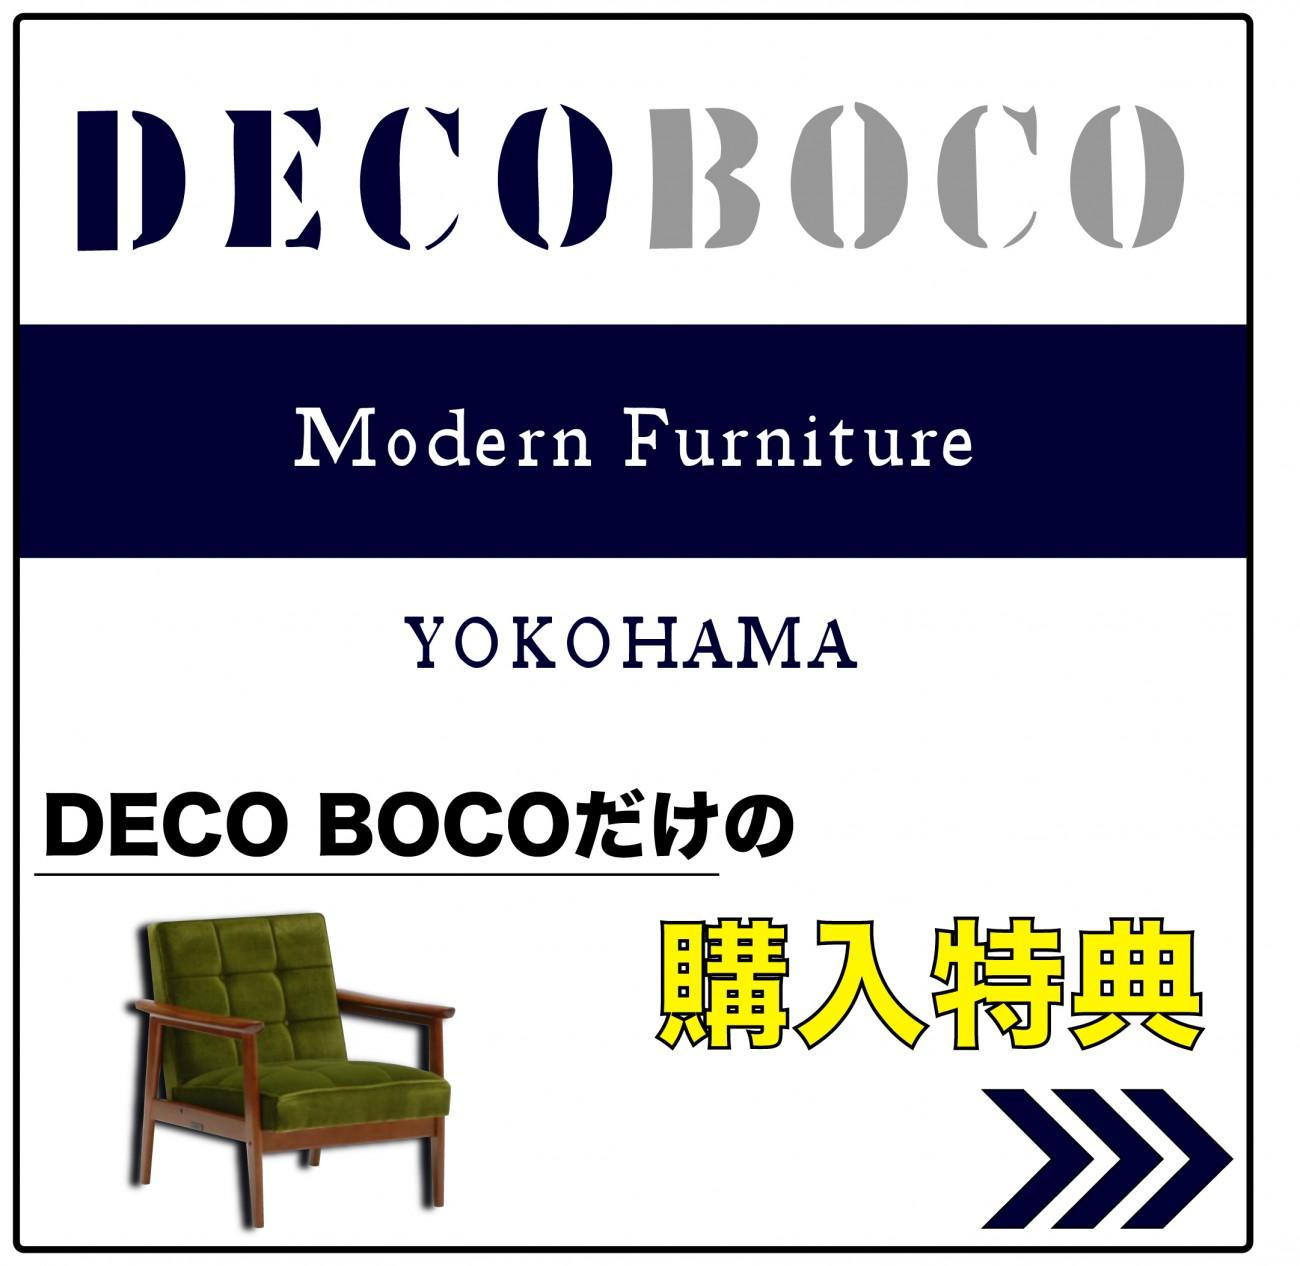 deco bocoだけのカリモク60の購入特典